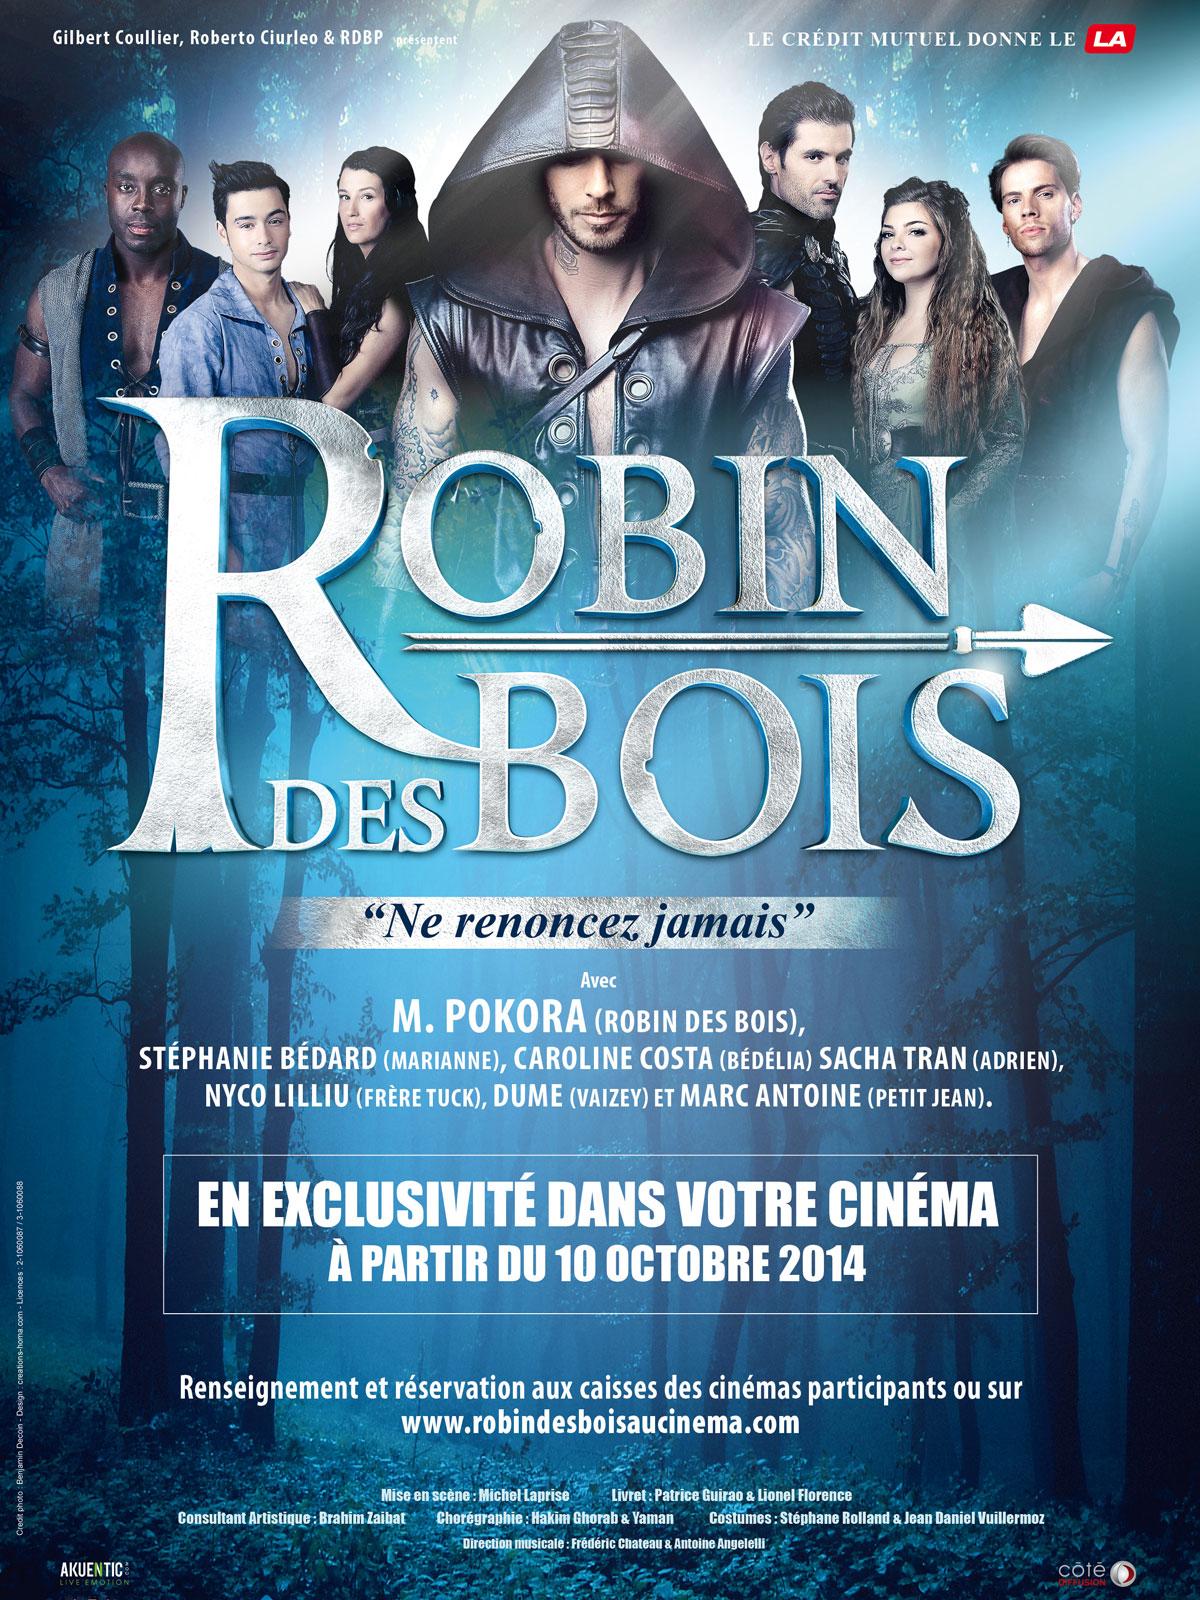 Robin des bois (Côté Diffusion)  film 2014  AlloCiné ~ Robin Des Bois Le Film